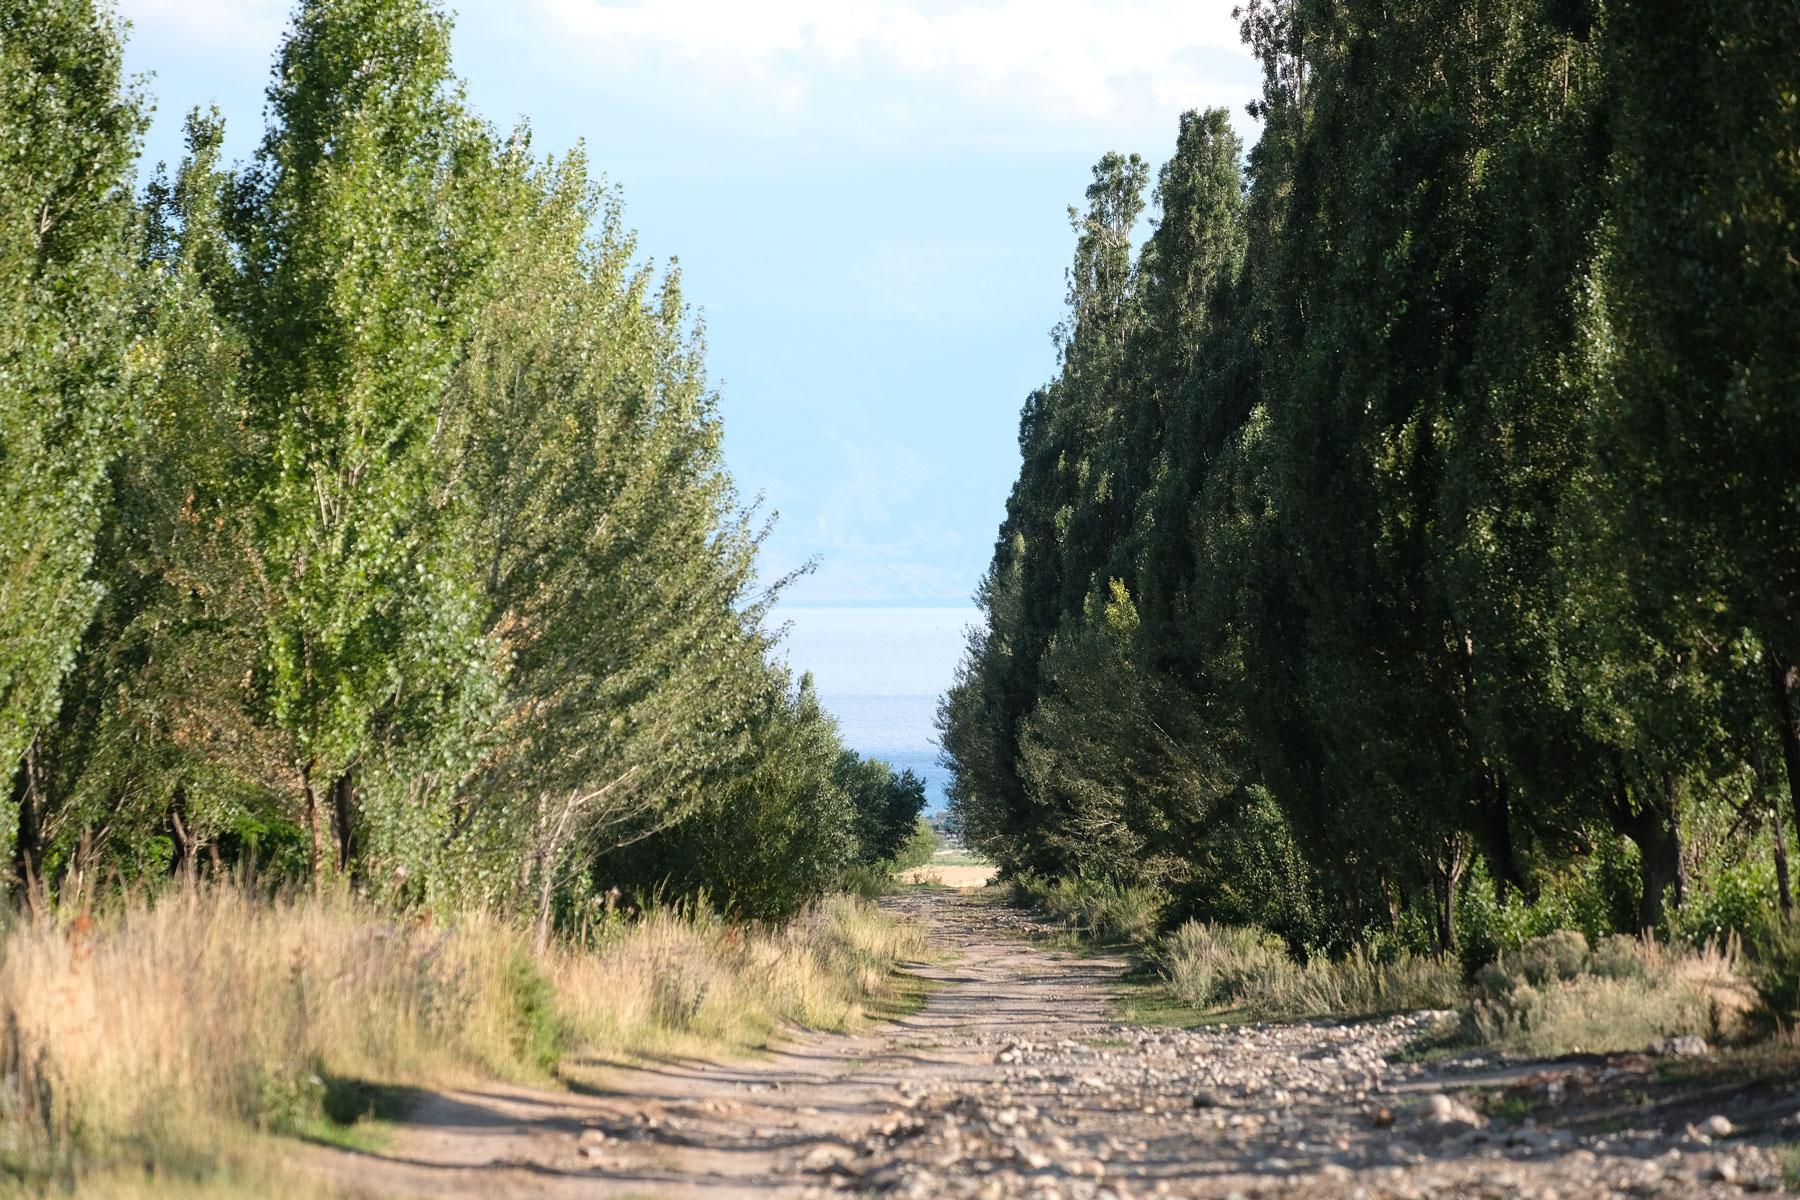 Auf dem Weg in Richtung Strand...